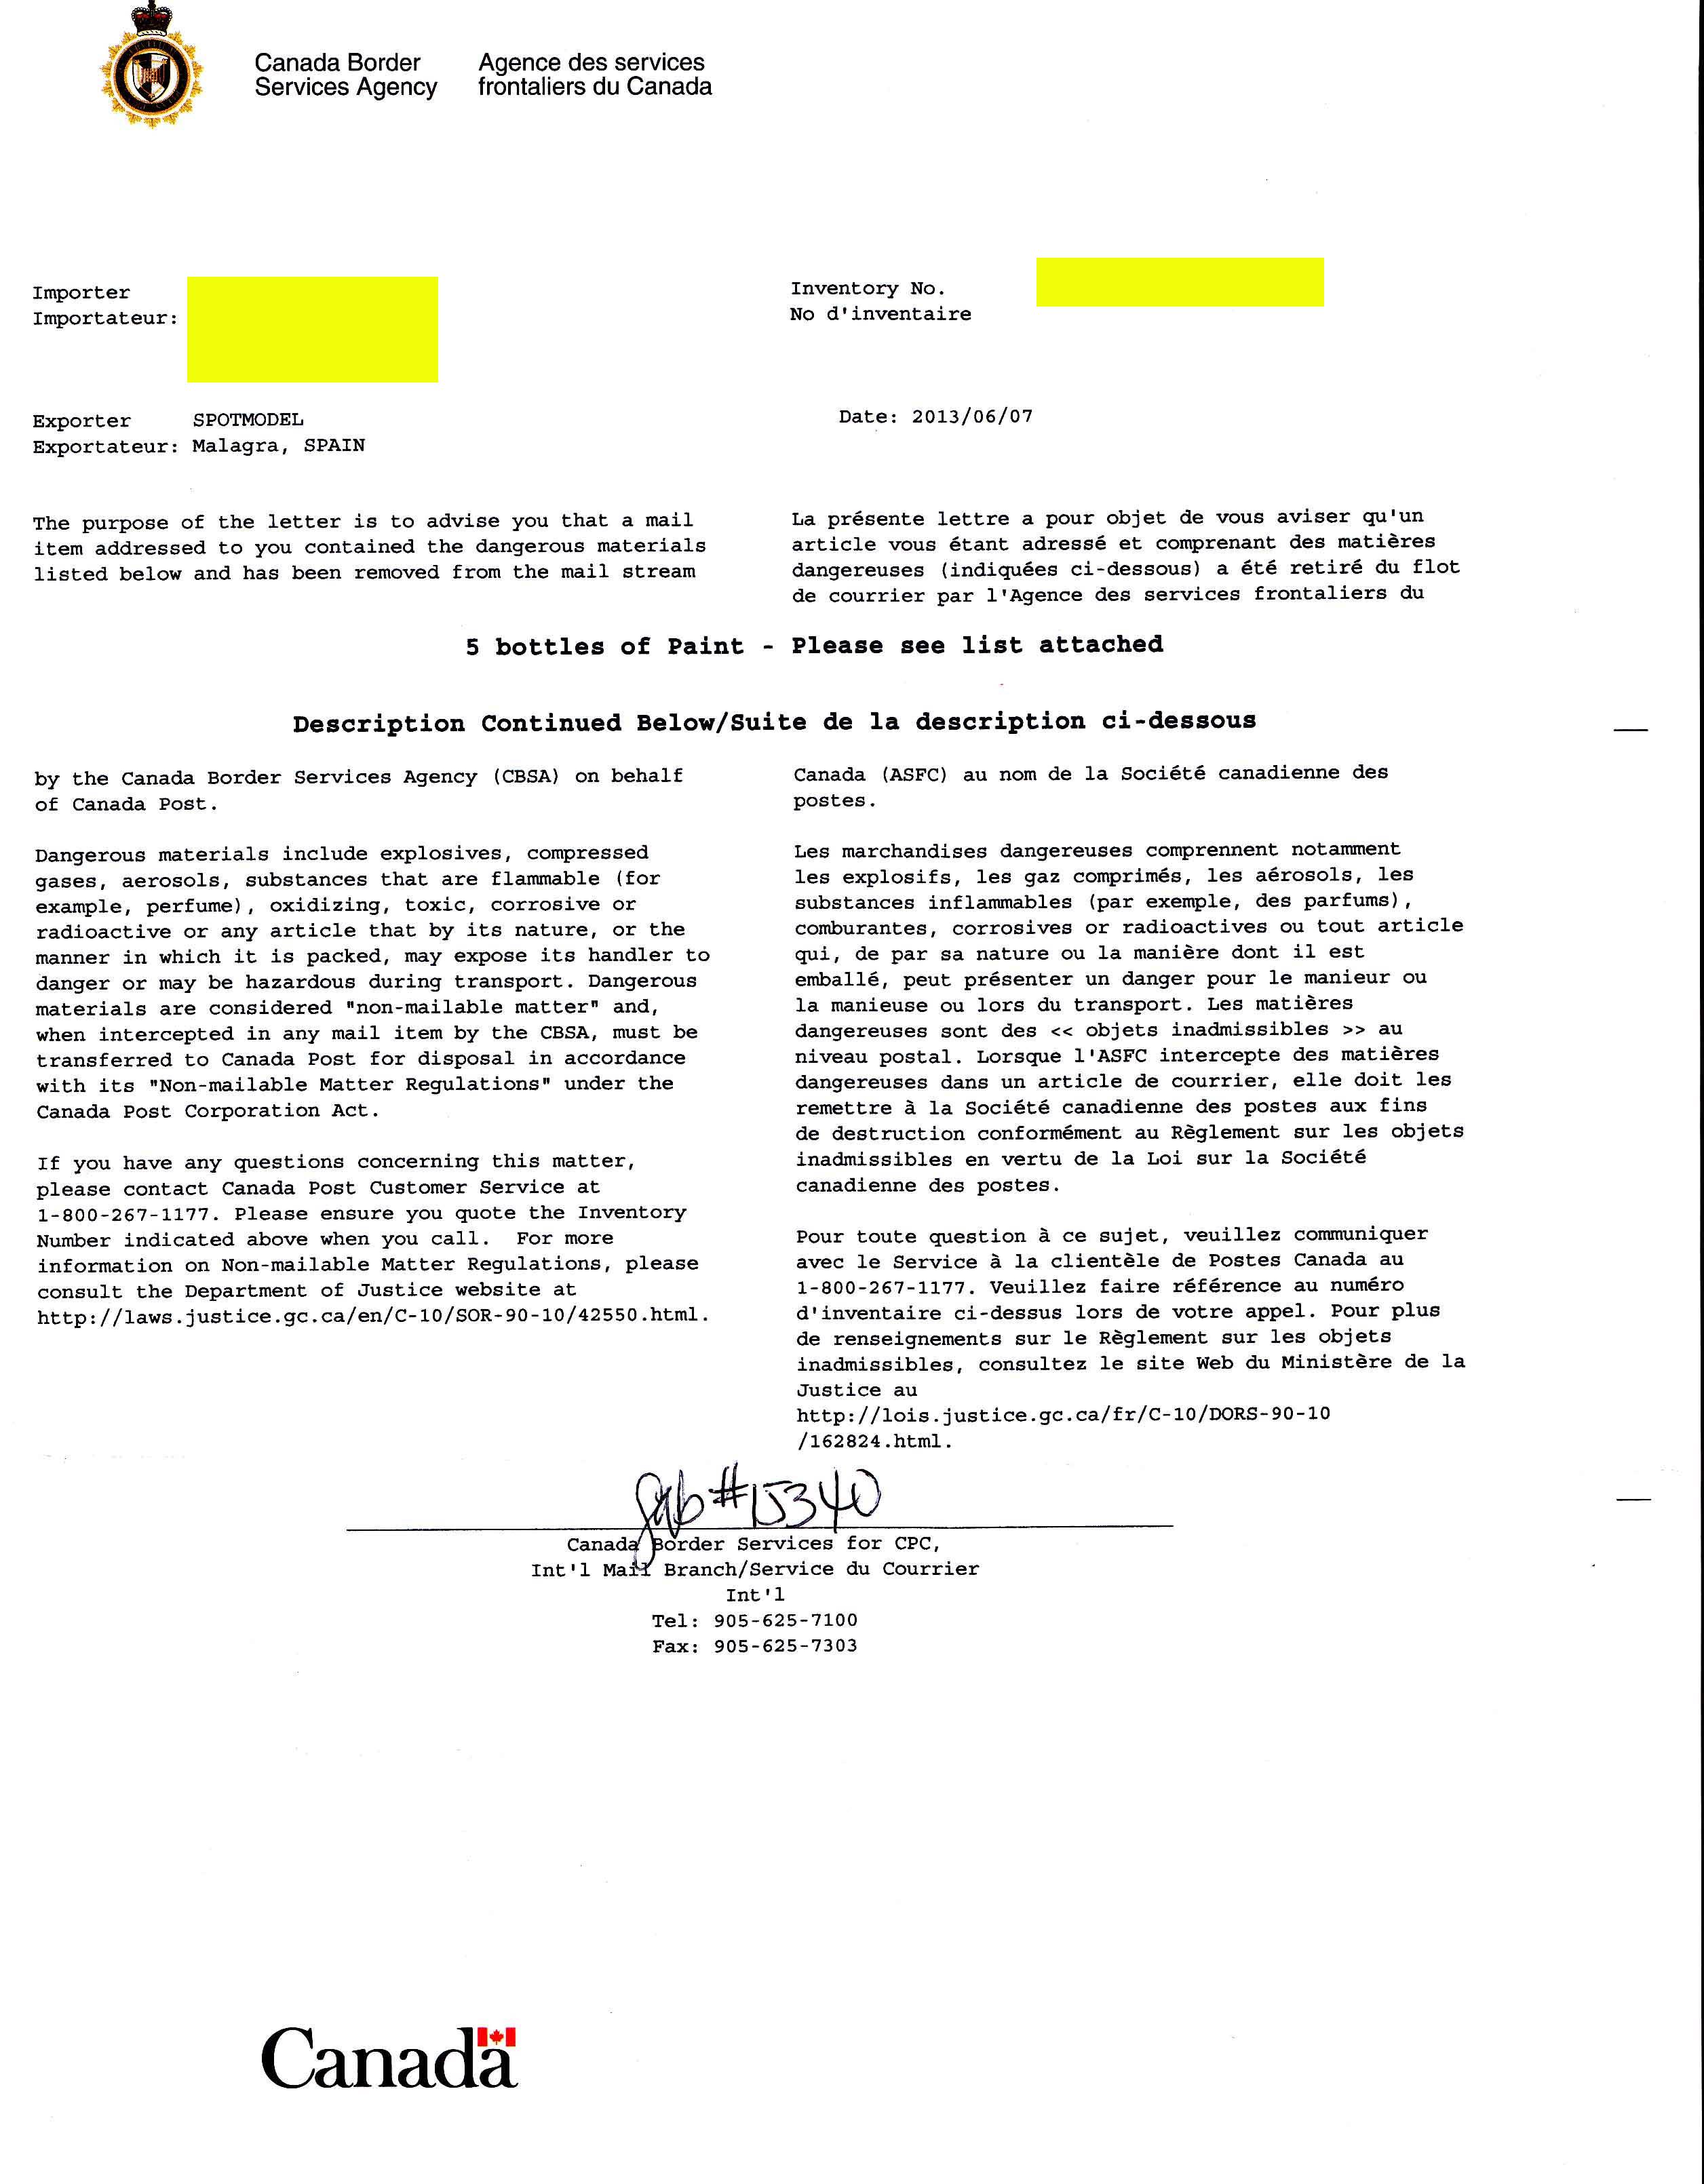 Canada Border Service letter